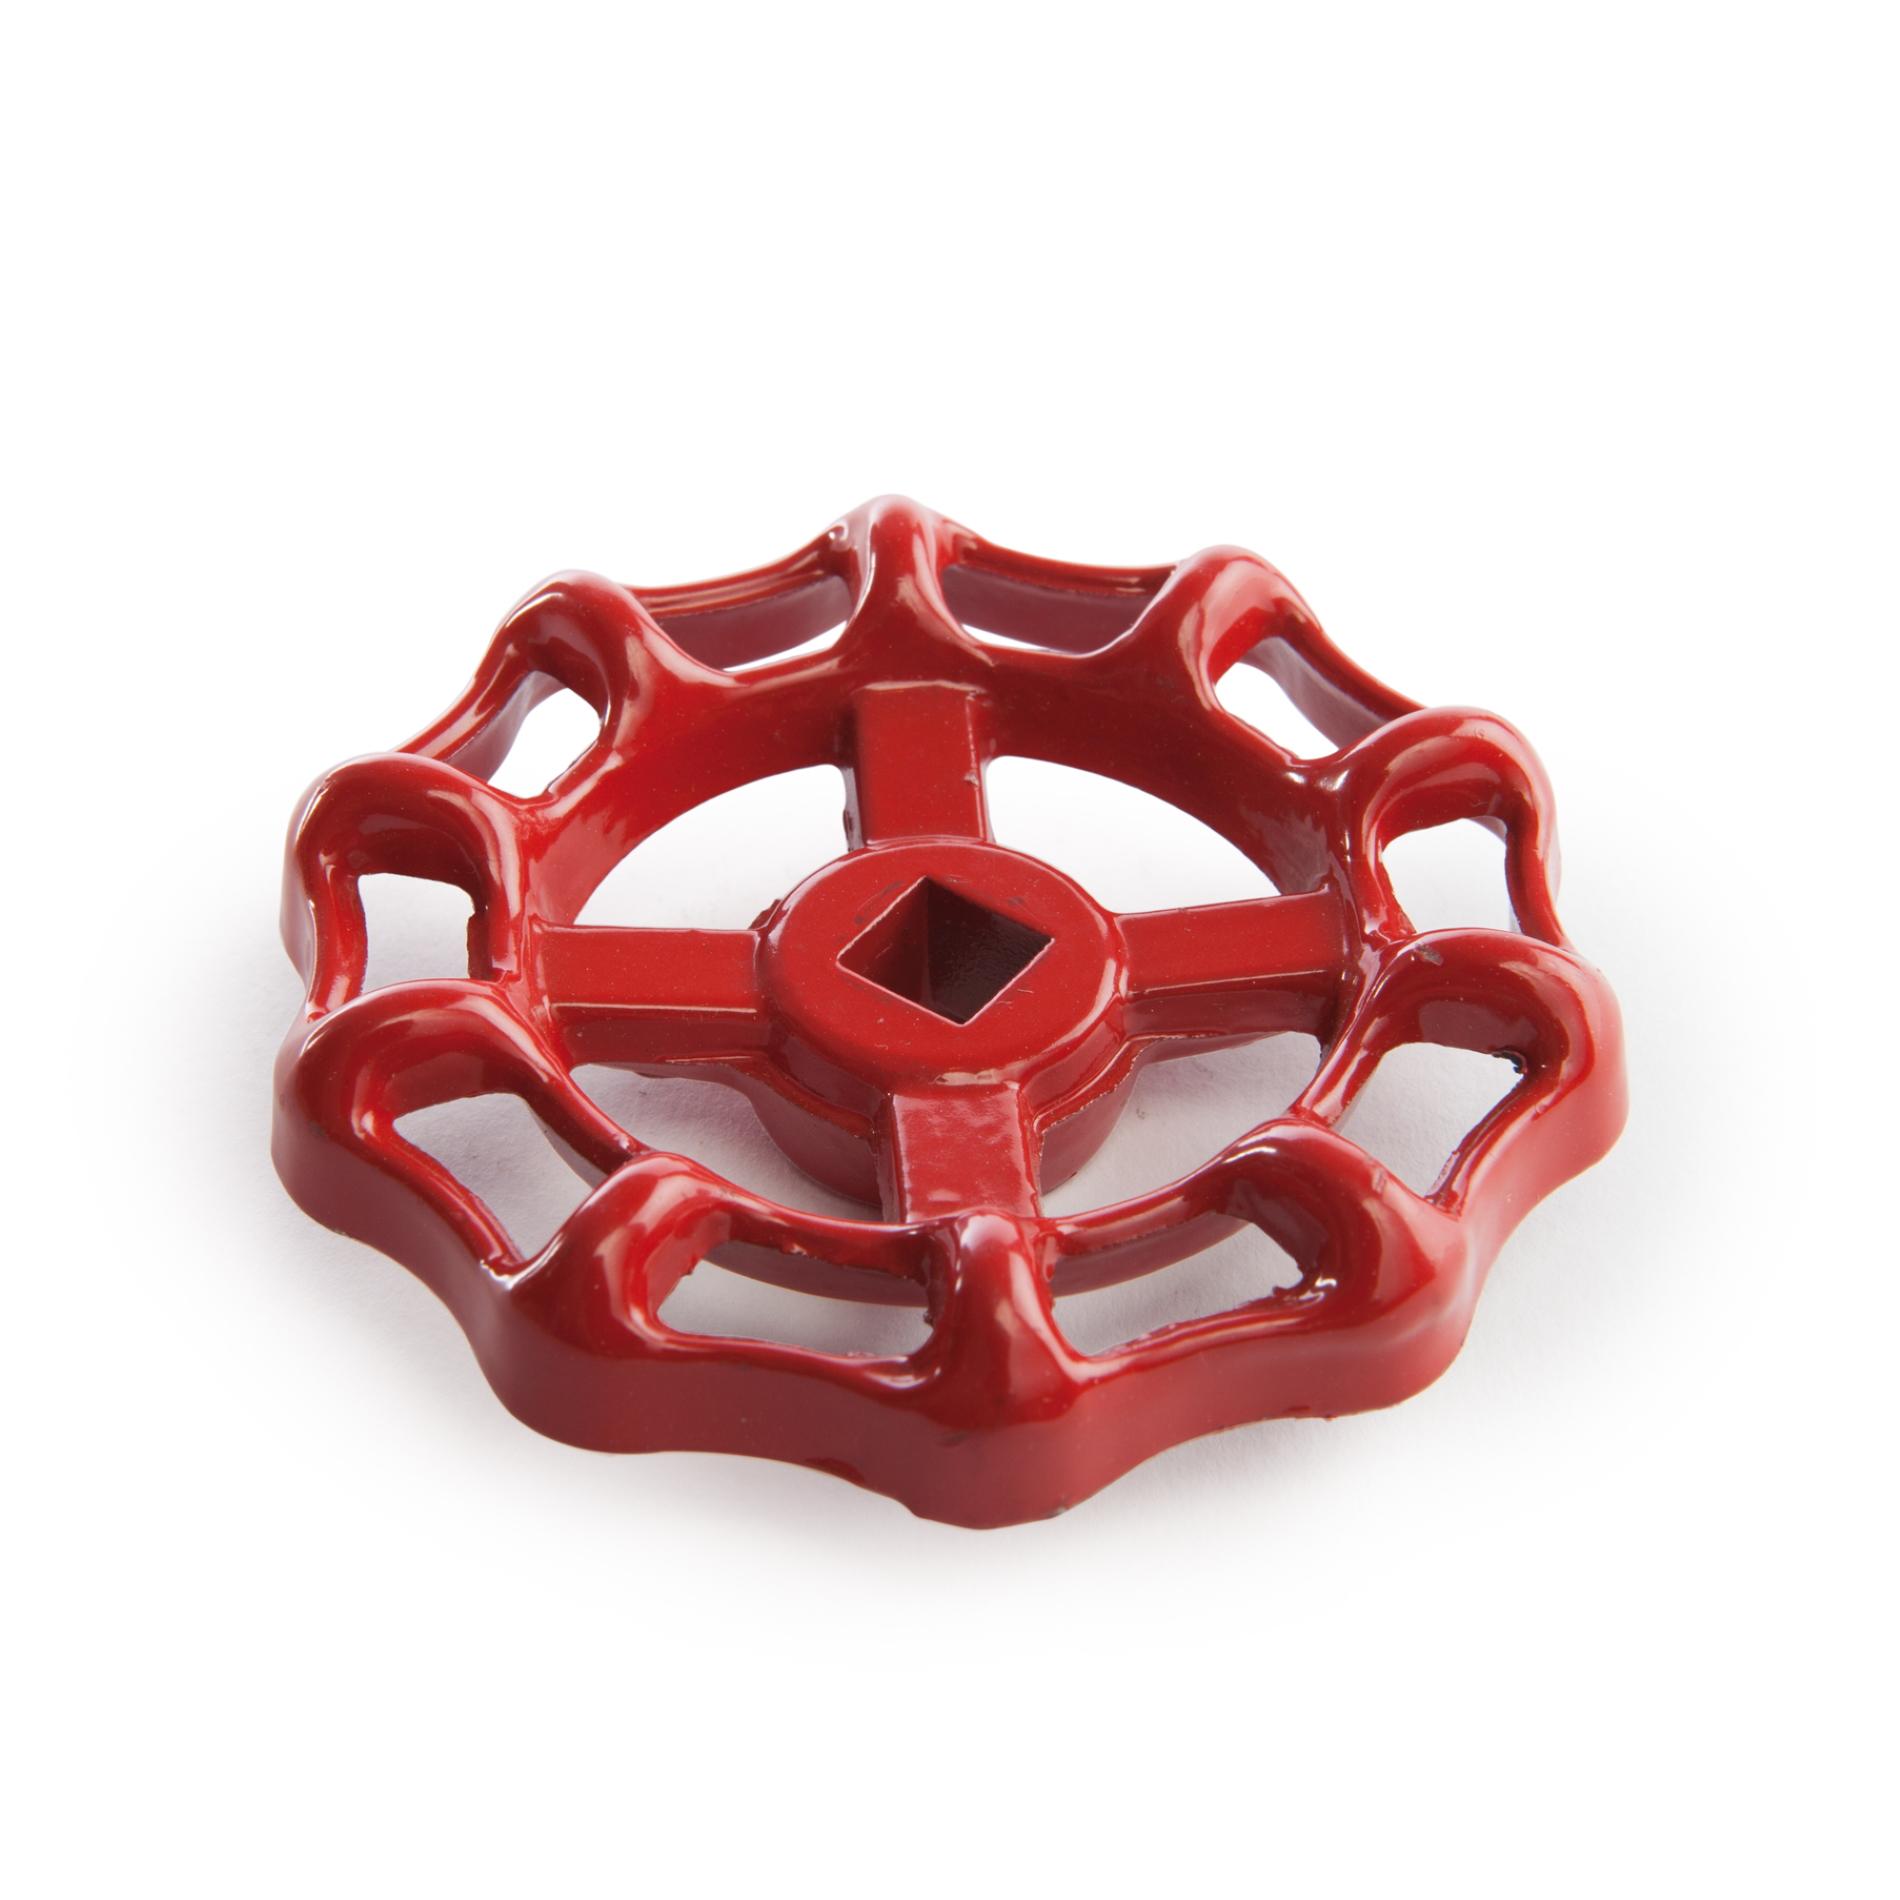 20H Volantino in alluminio pressofuso, rosso per valvole a saracinesca Red aluminium handwheel for gate valves spare parts accessori ricambi